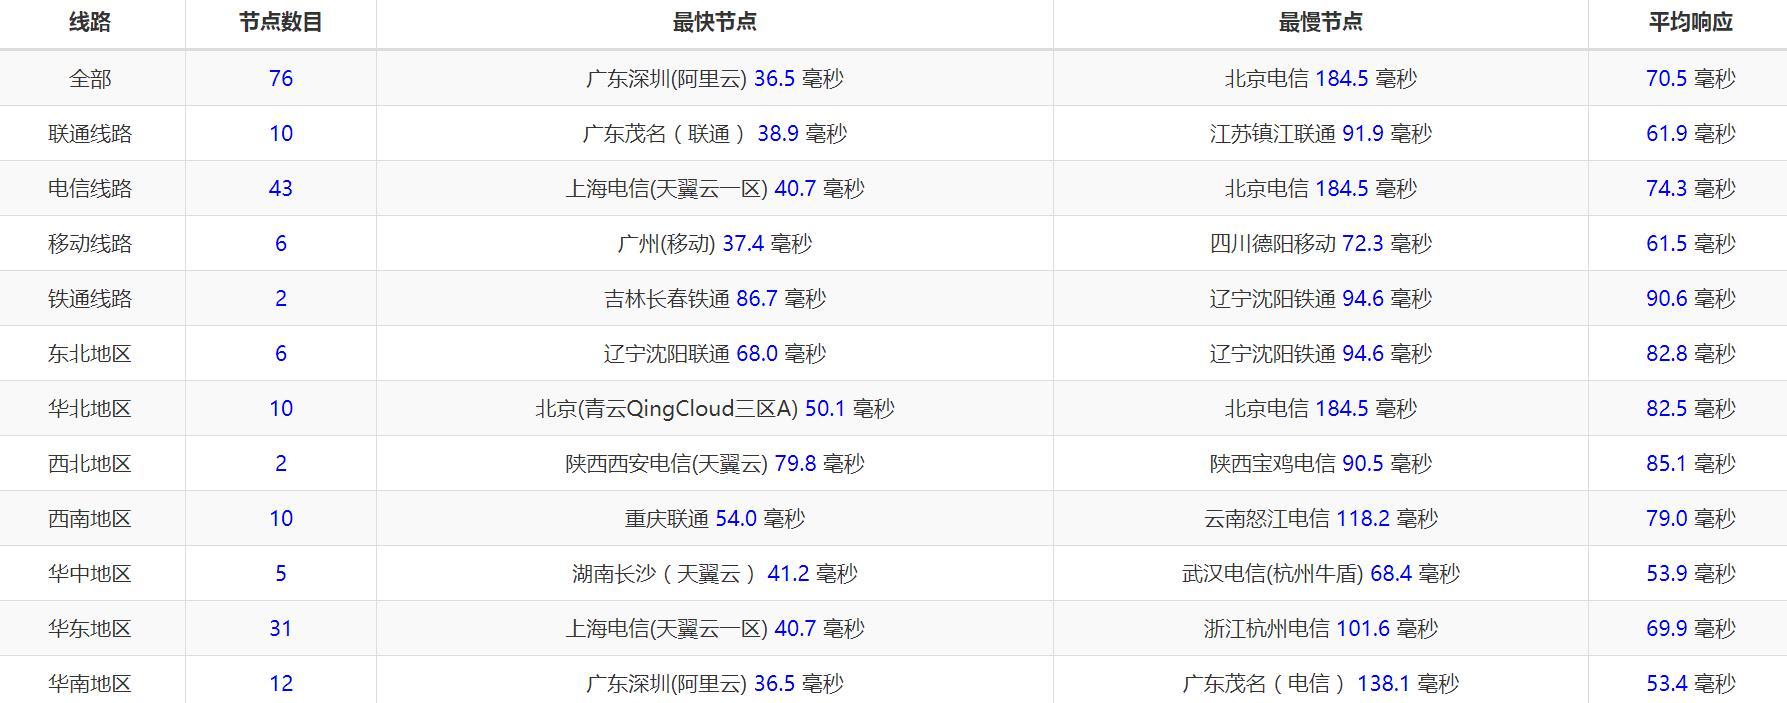 羊毛党之家 Tospeed 256MB内存 SSD硬盘 台湾NAT KVM VPS测评  https://yangmaodang.org